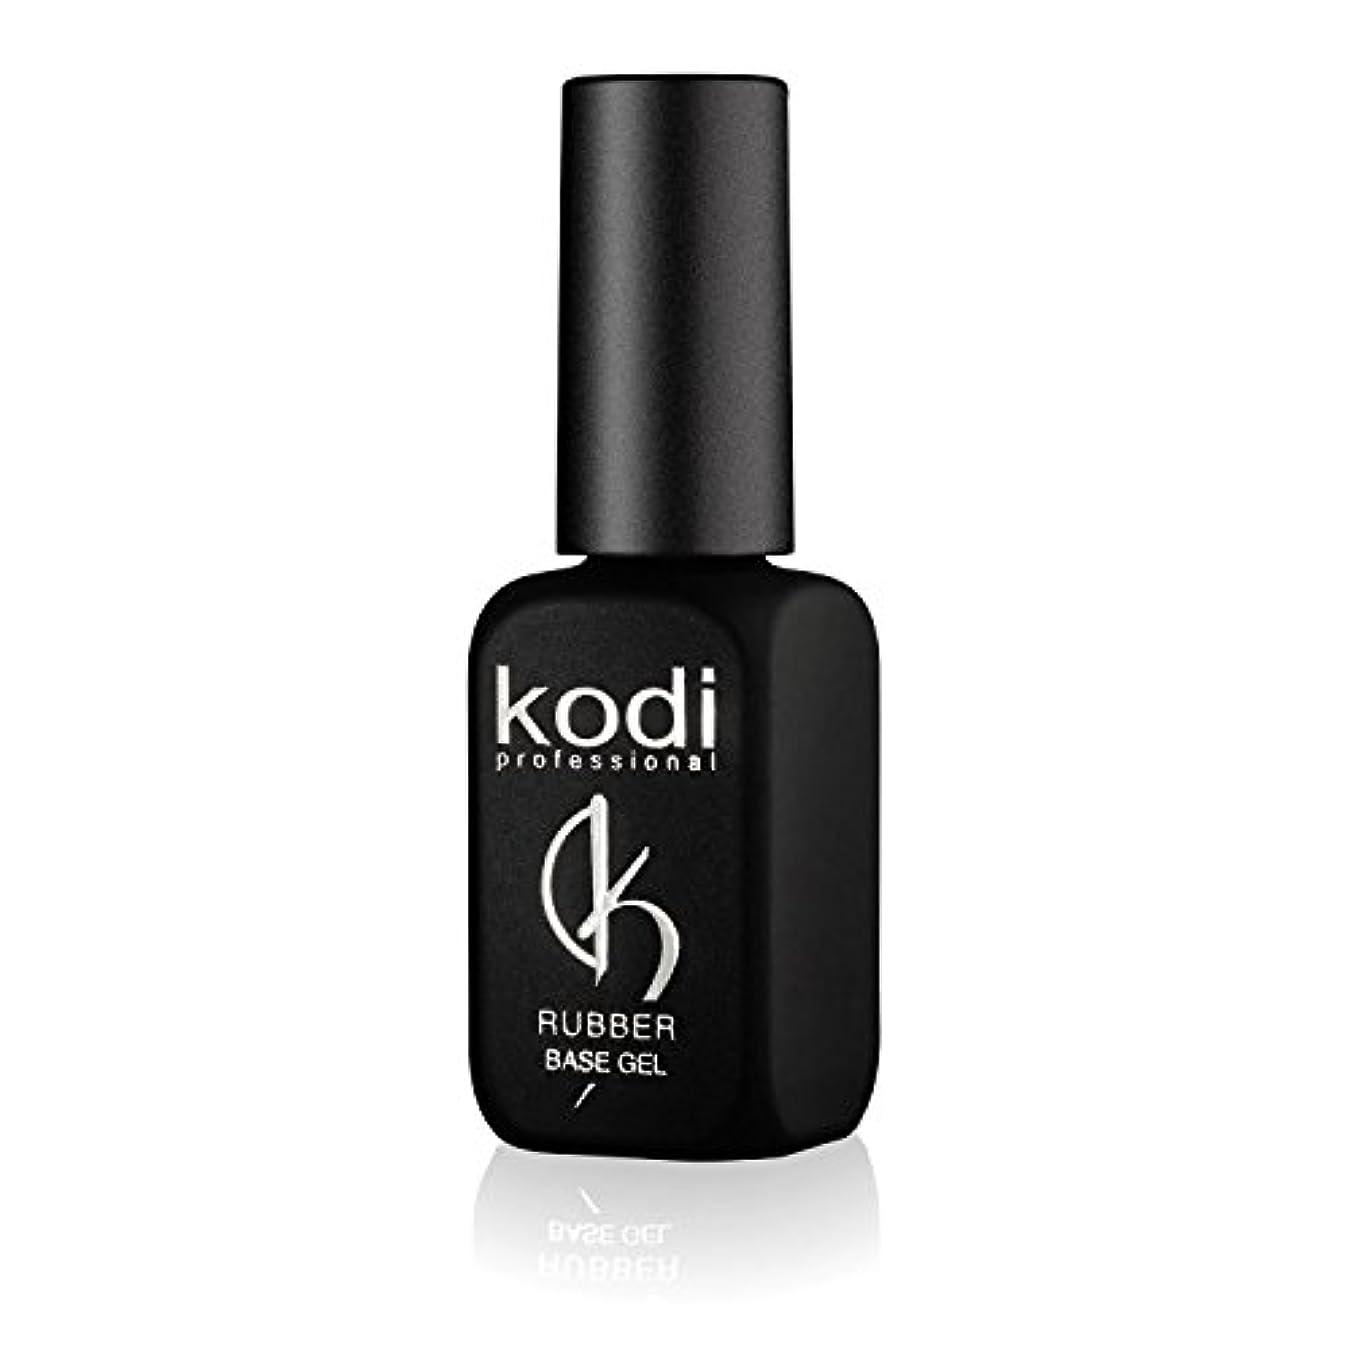 口頭マサッチョめるProfessional Rubber Base Gel By Kodi | 12ml 0.42 oz | Soak Off, Polish Fingernails Coat Gel | For Long Lasting...